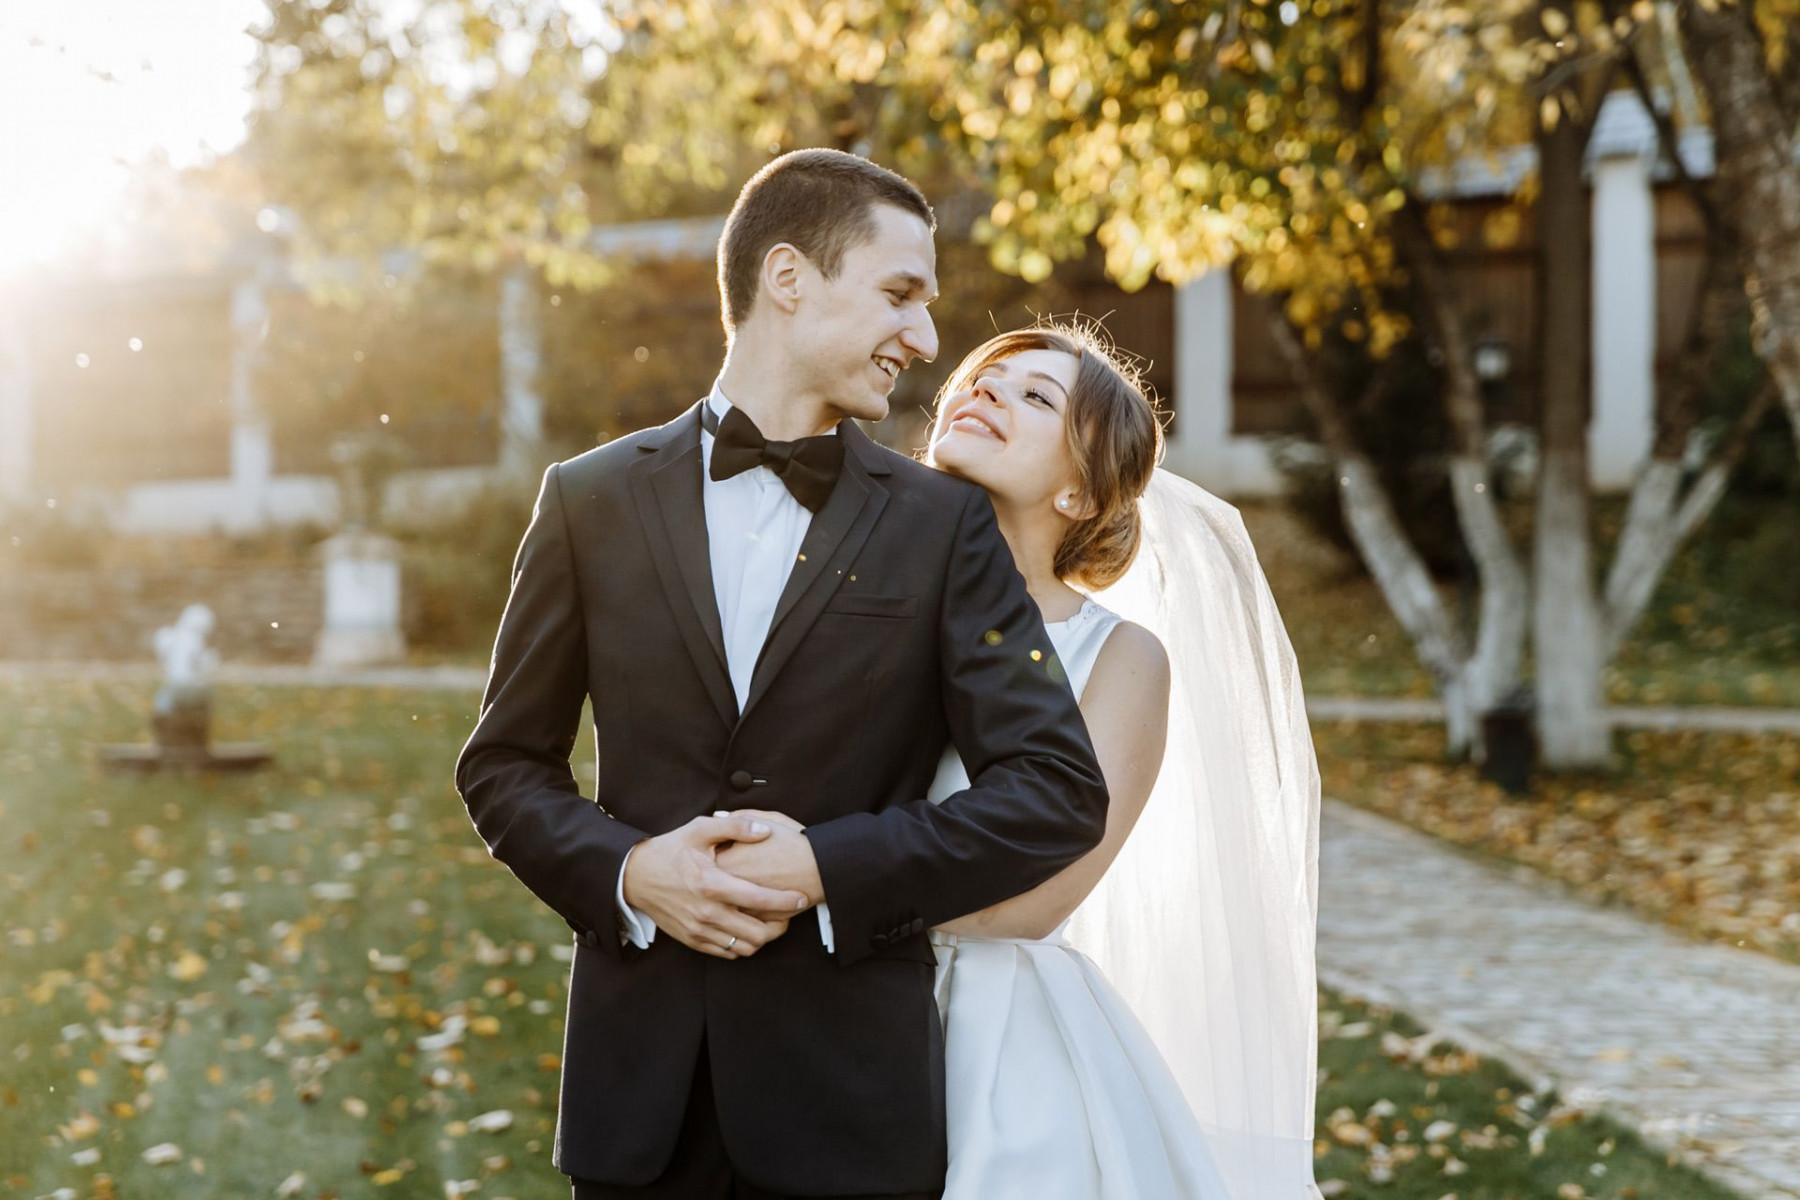 Летняя свадьба: 5 главных преимуществ